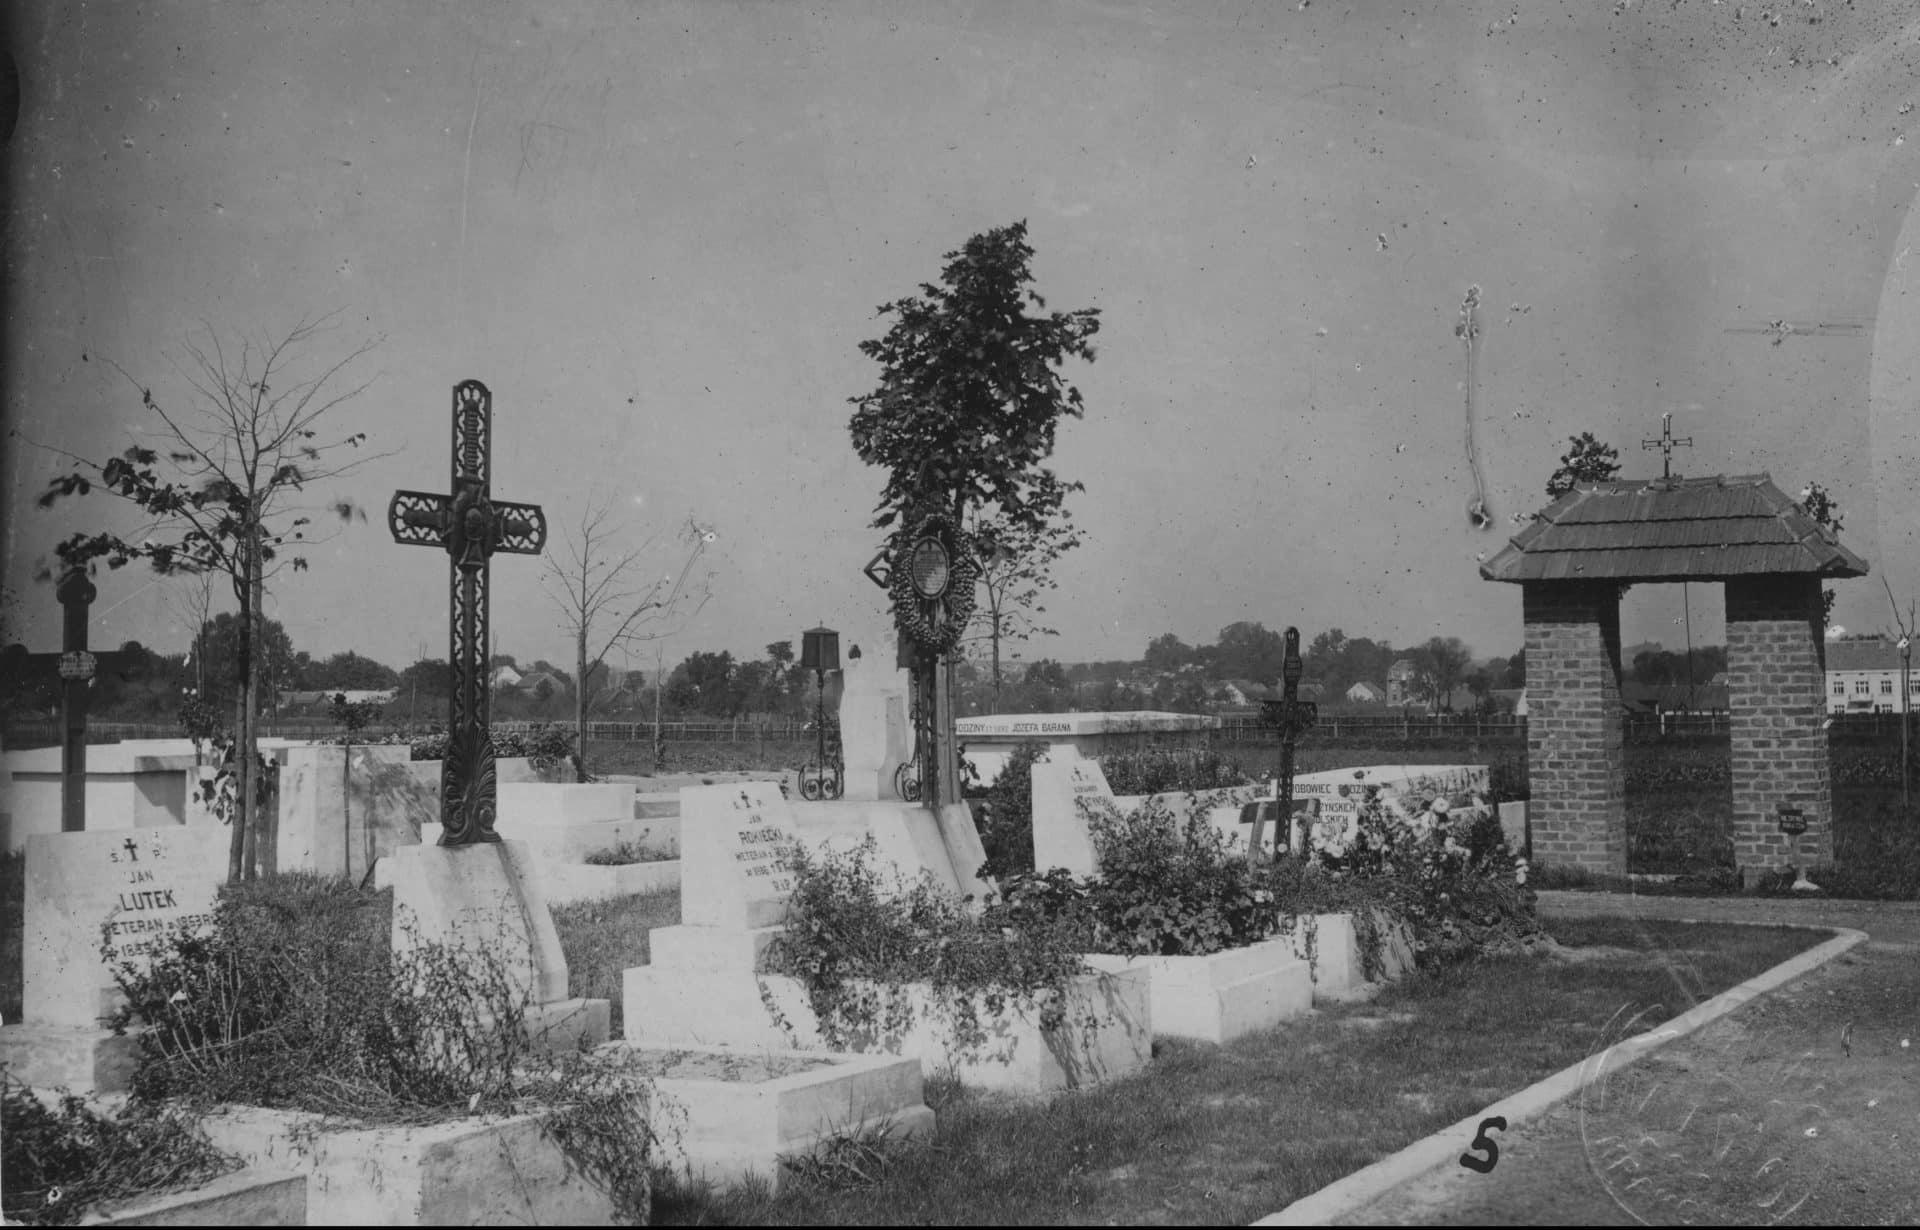 Groby legionistów na cmentarzu Rakowickim w Krakowie. Dwudziestolecie międzywojenne. Źródło: NAC.